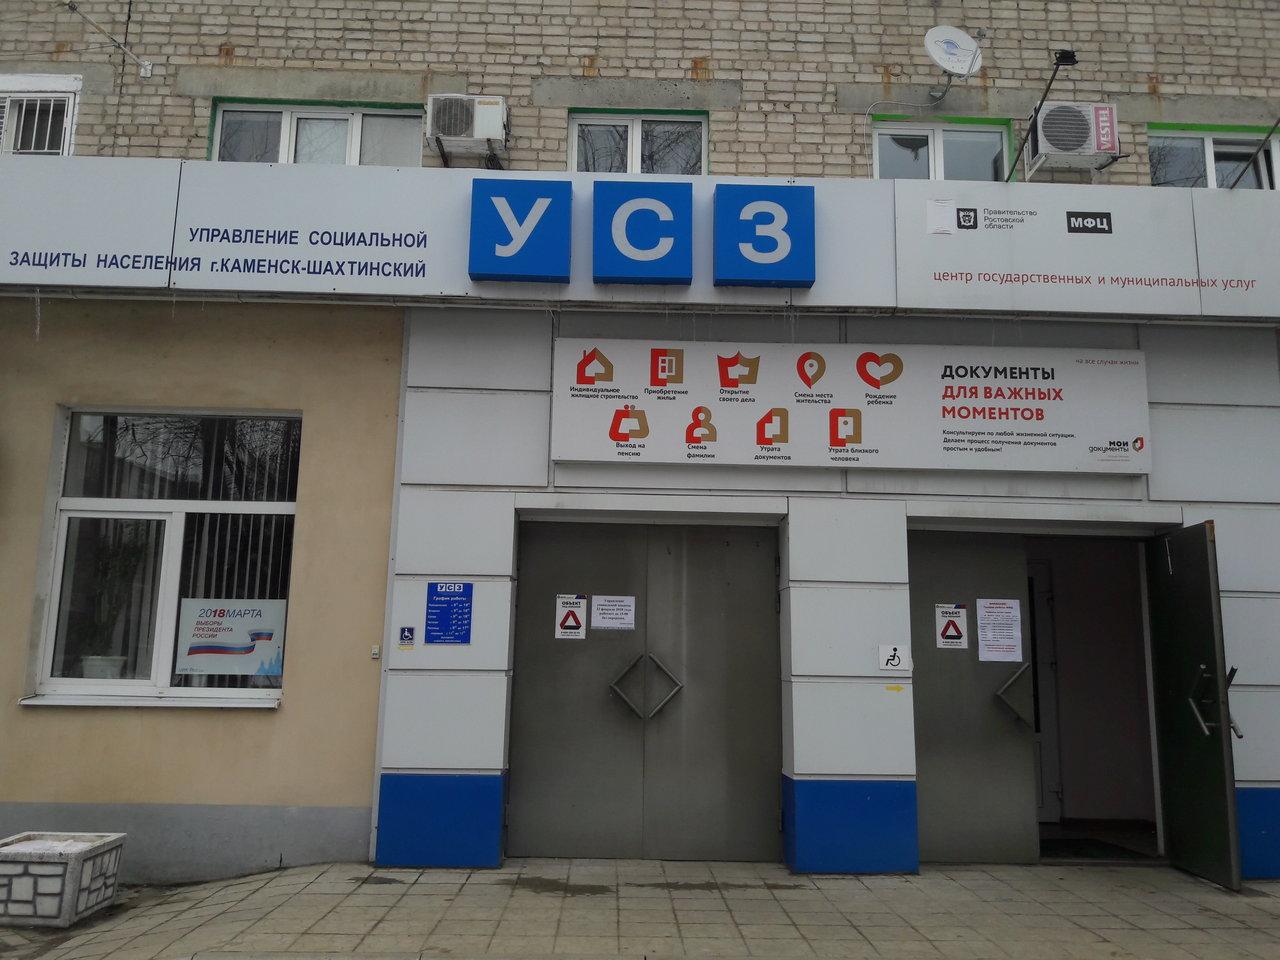 Подать заявление о включении в список избирателей можно в Многофункциональном центре Каменска.